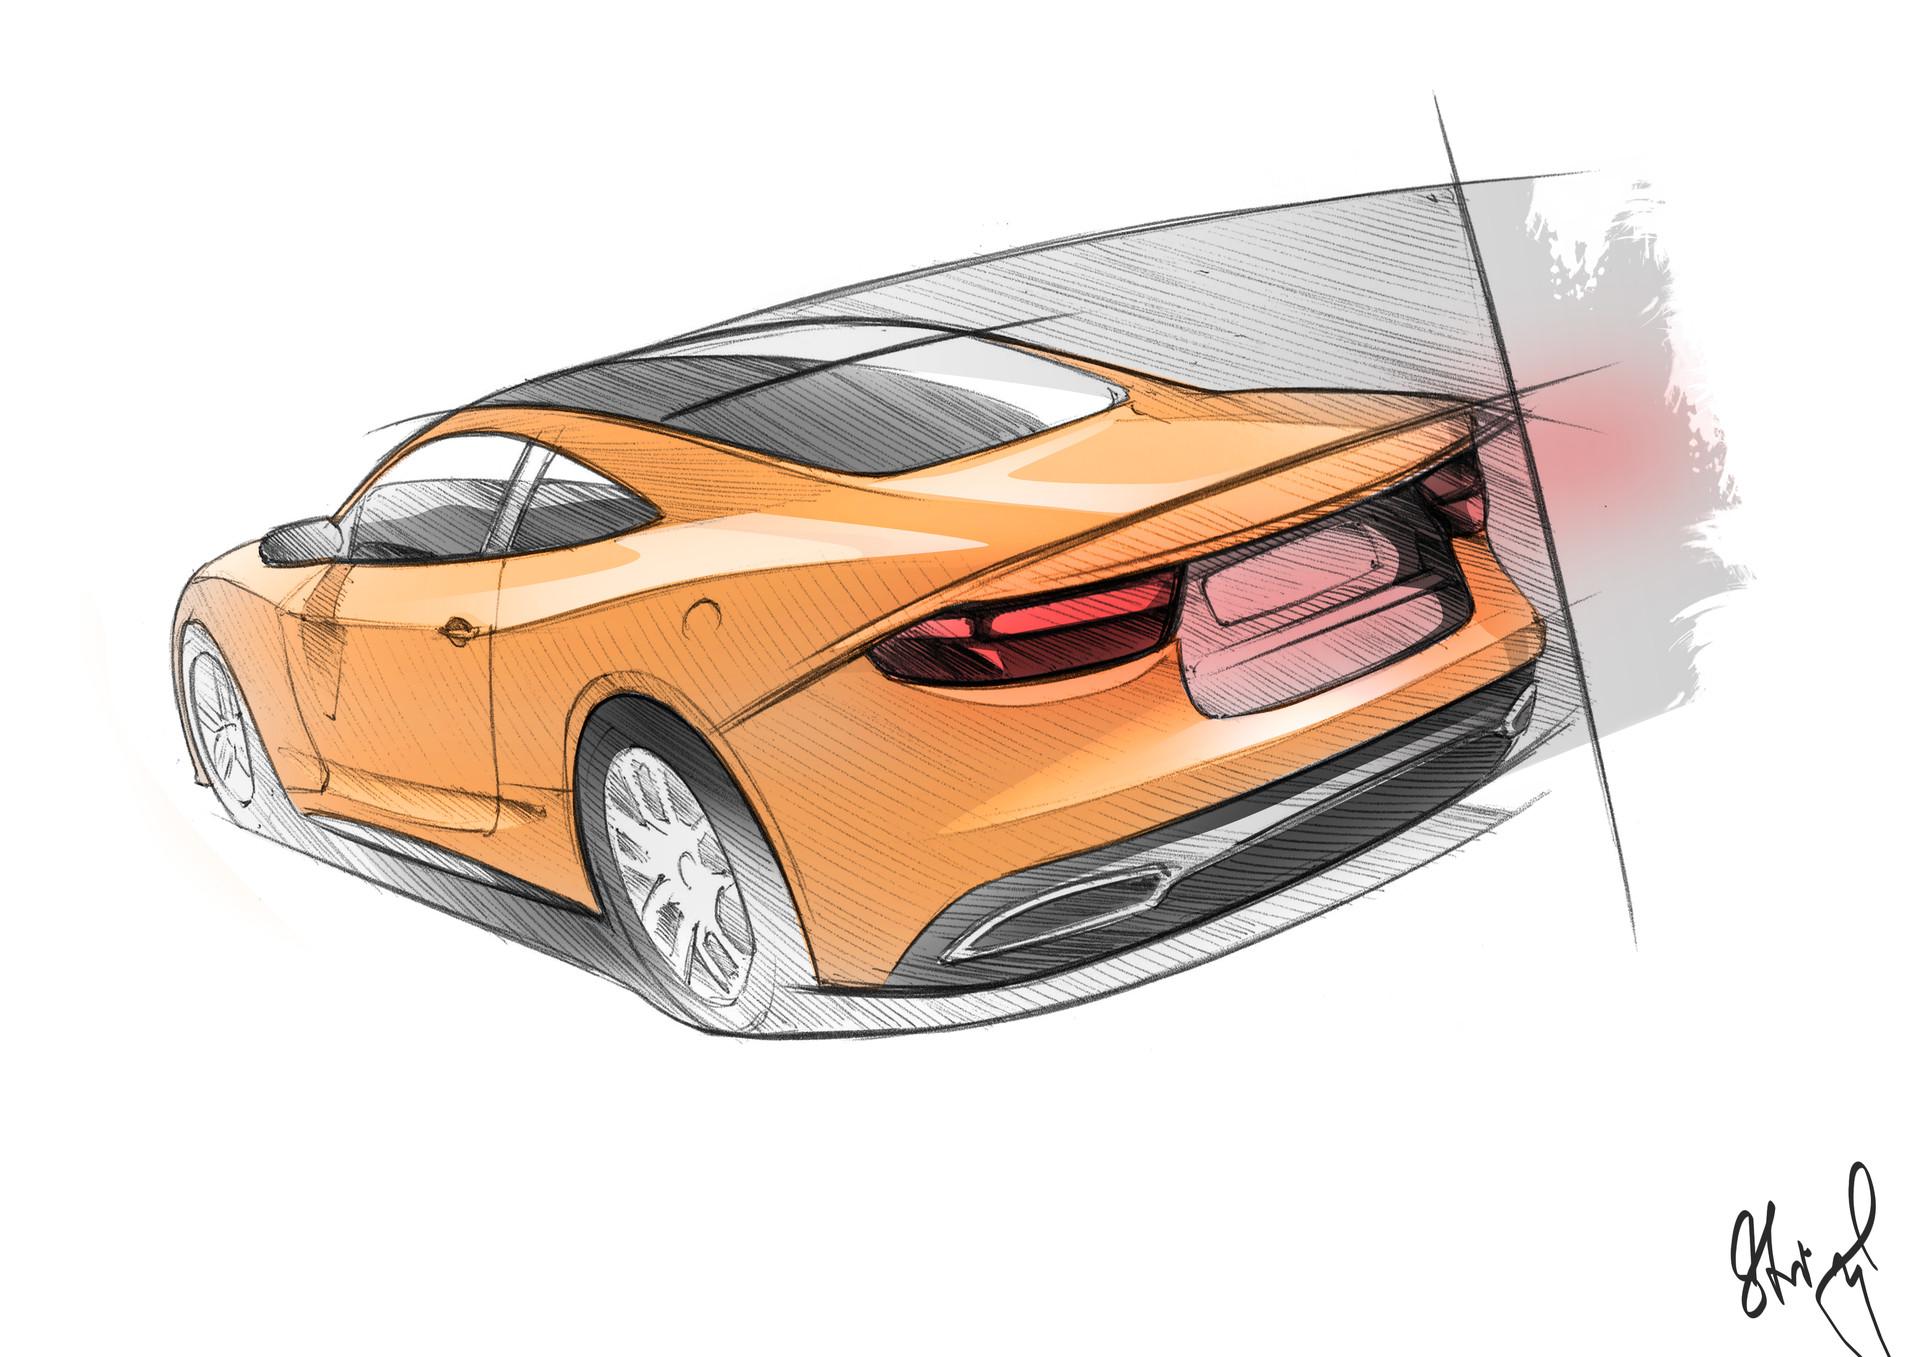 David stingl tauler yellow tail sketch 2